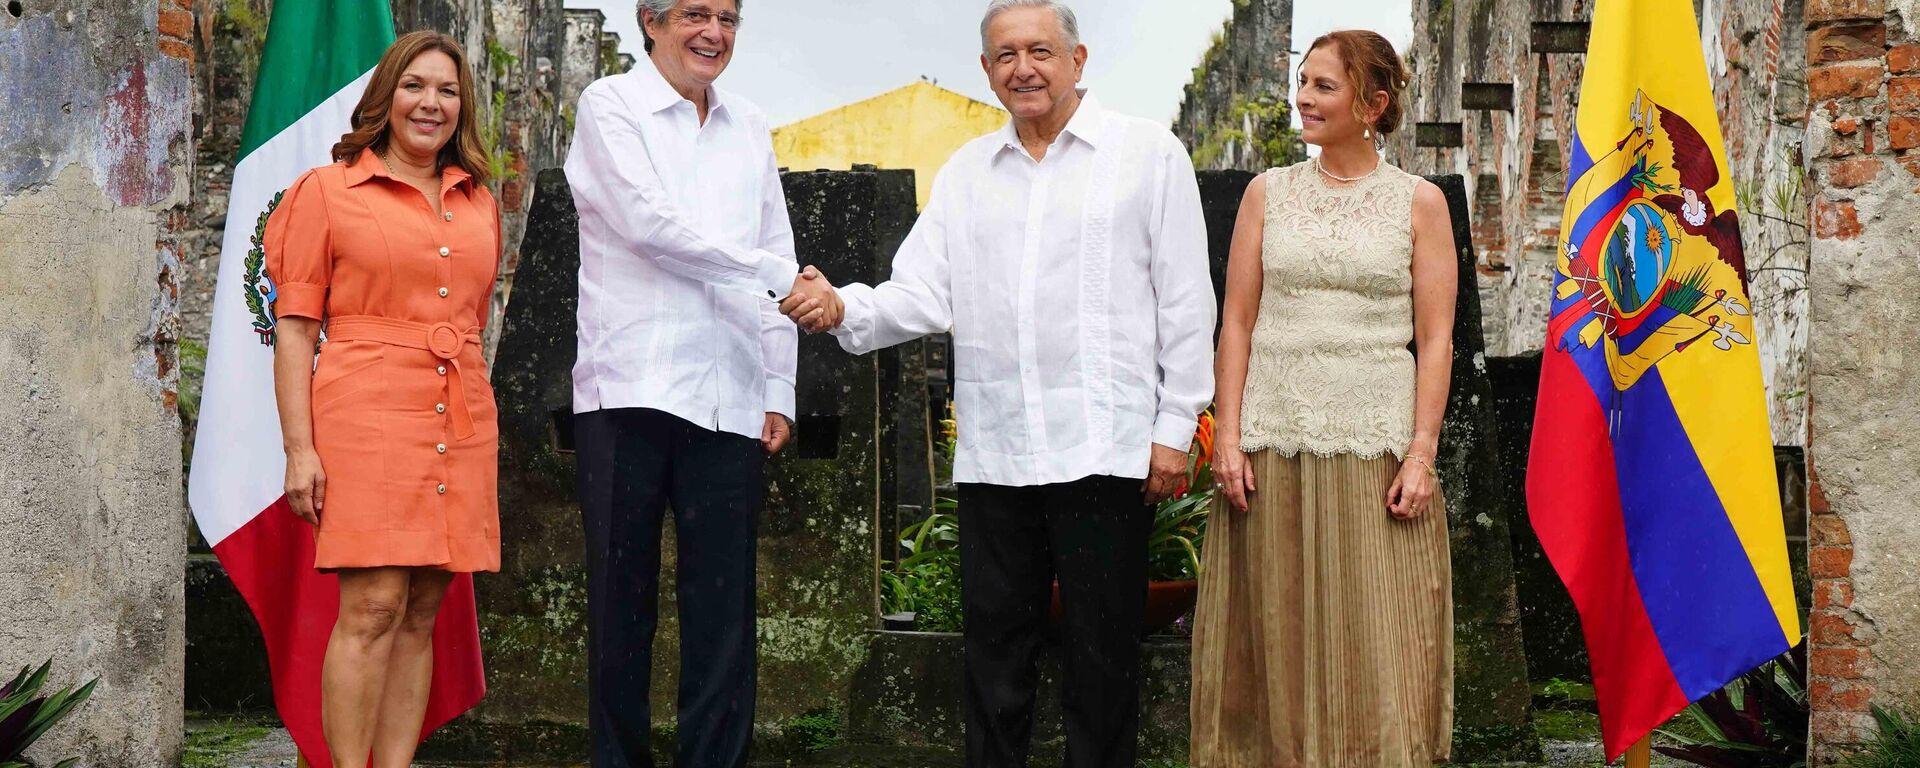 Presidente de Ecuador, Guillermo Lasso Mendoza, y presidente de Mexico, Andrés Manuel López Obrador - Sputnik Mundo, 1920, 24.08.2021